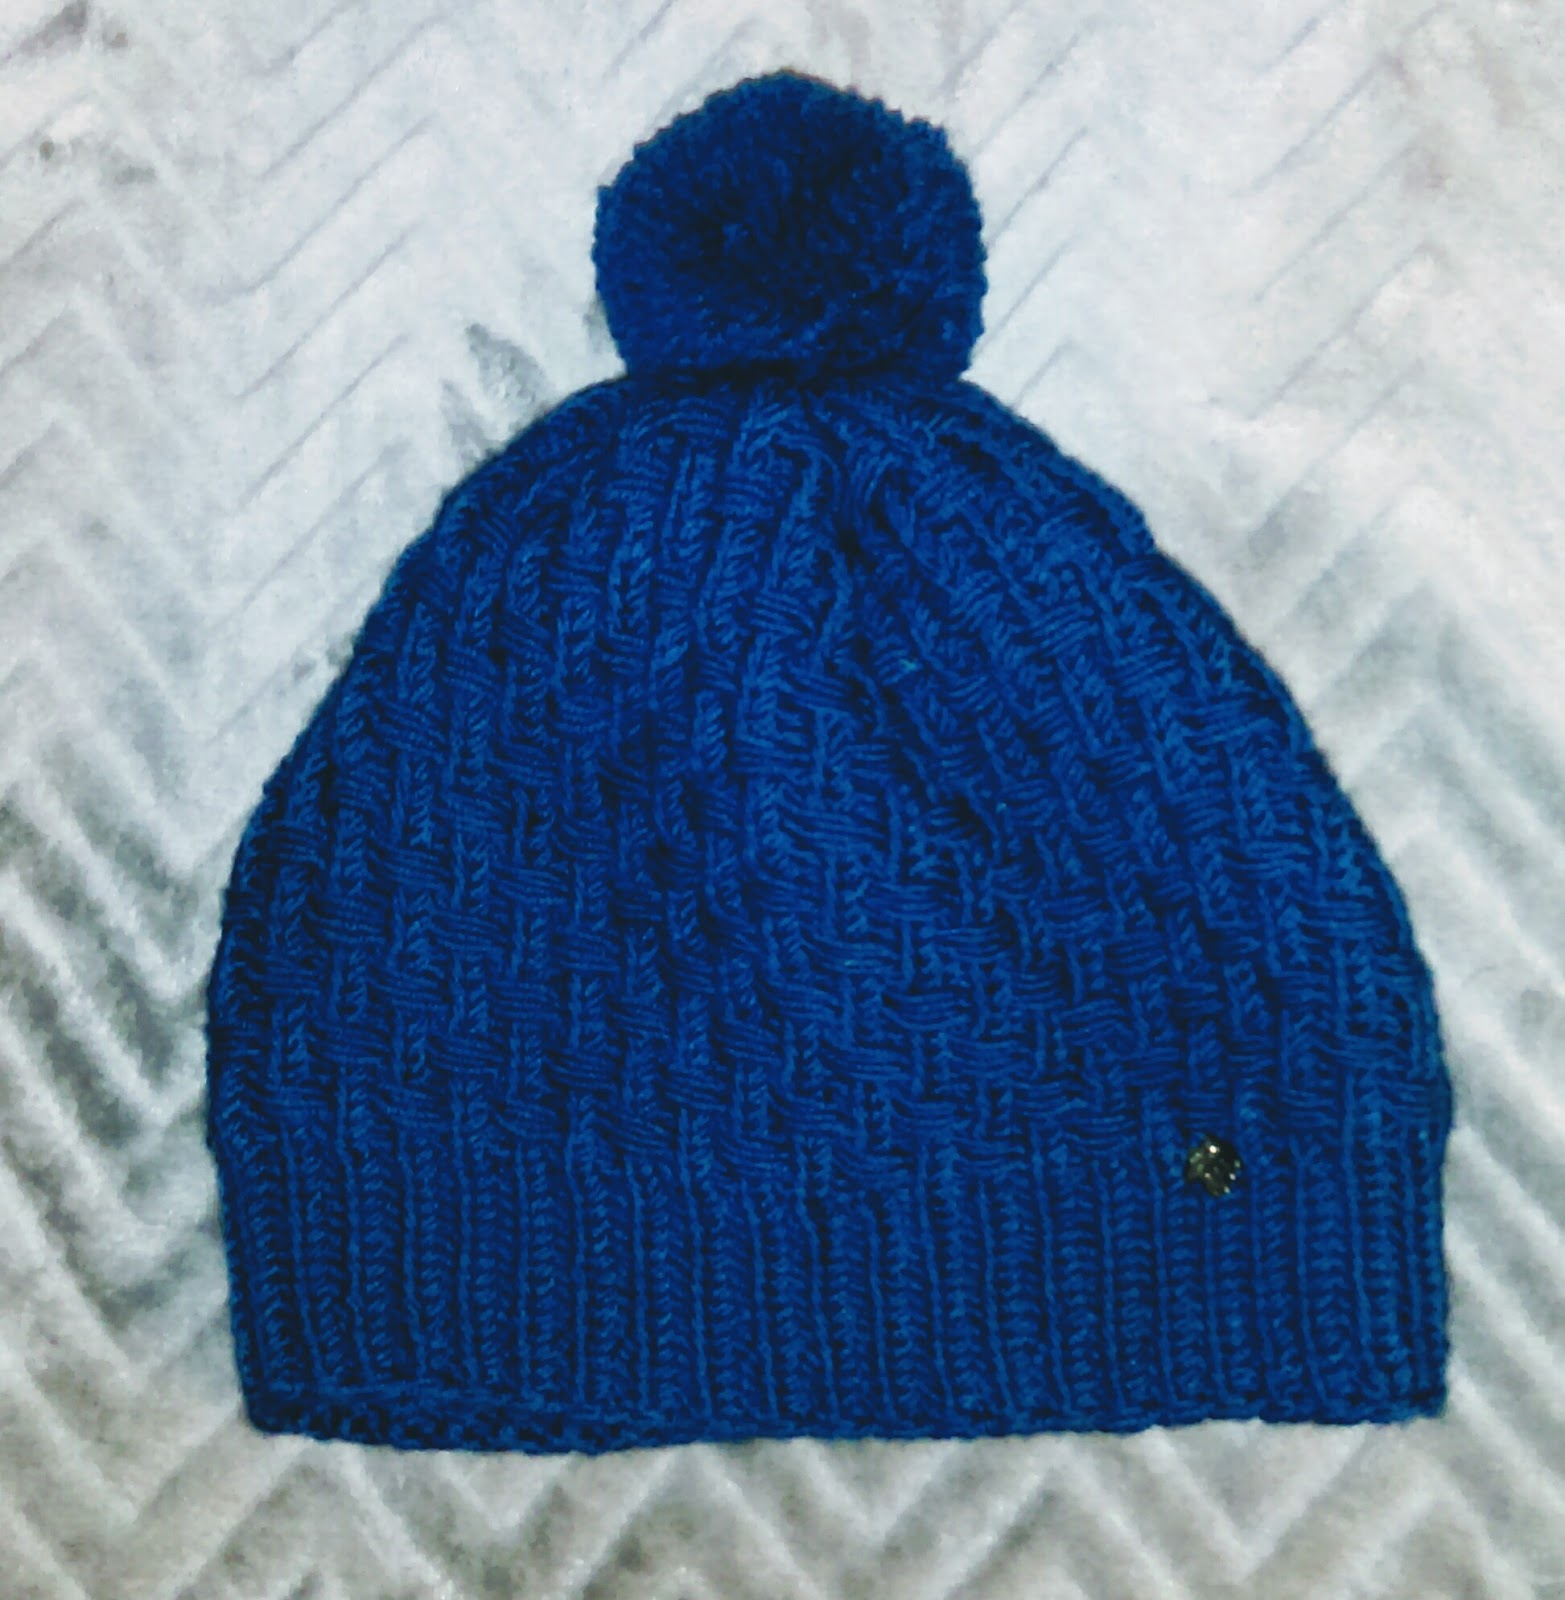 O tym, że zimą czapka jest absolutnie niezbędna.